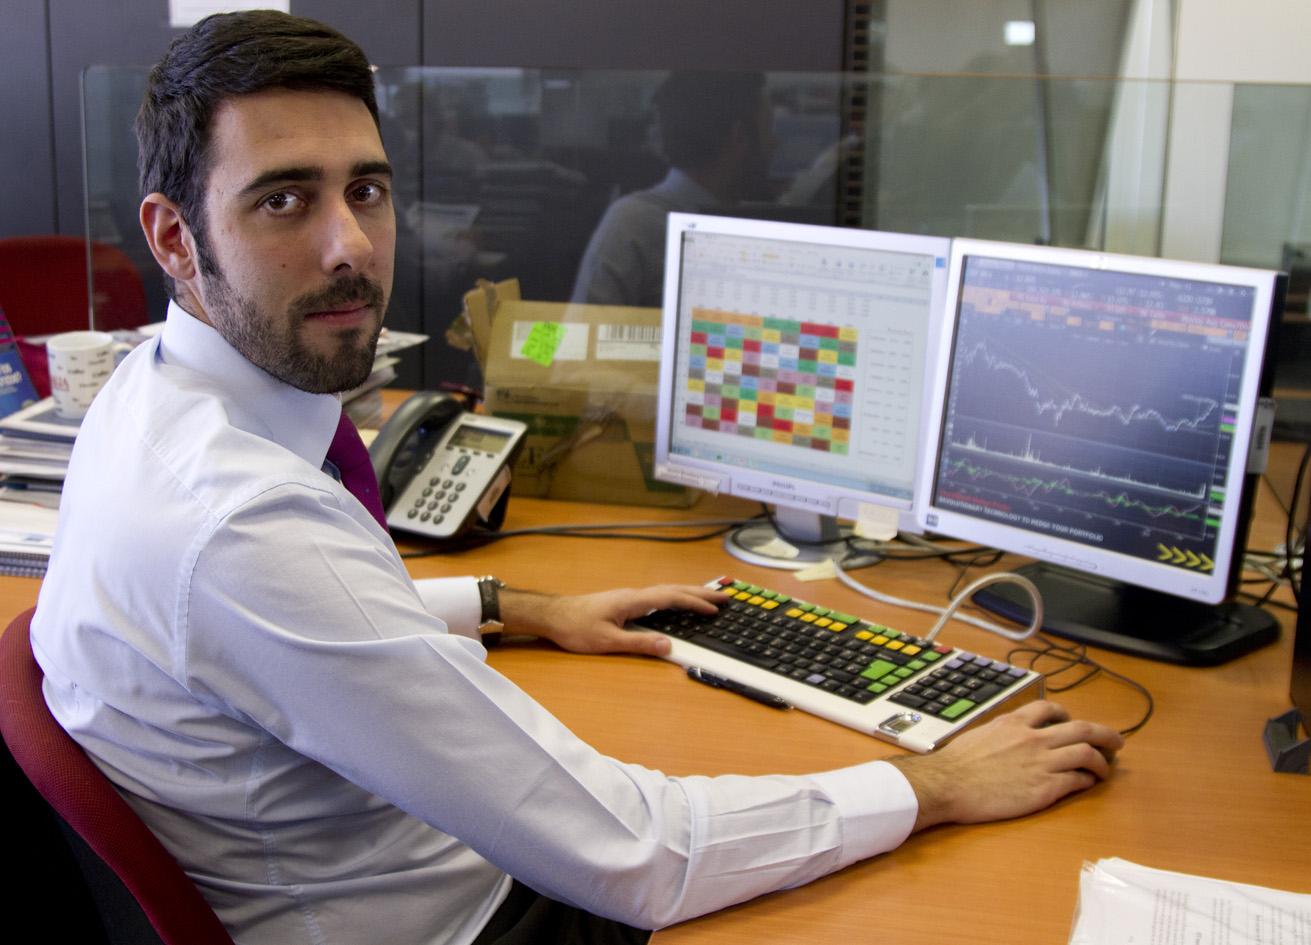 """David Sánchez: """"En el coeficiente de determinación R Cuadrado hay que saber diferenciar entre casualidad y causalidad"""""""